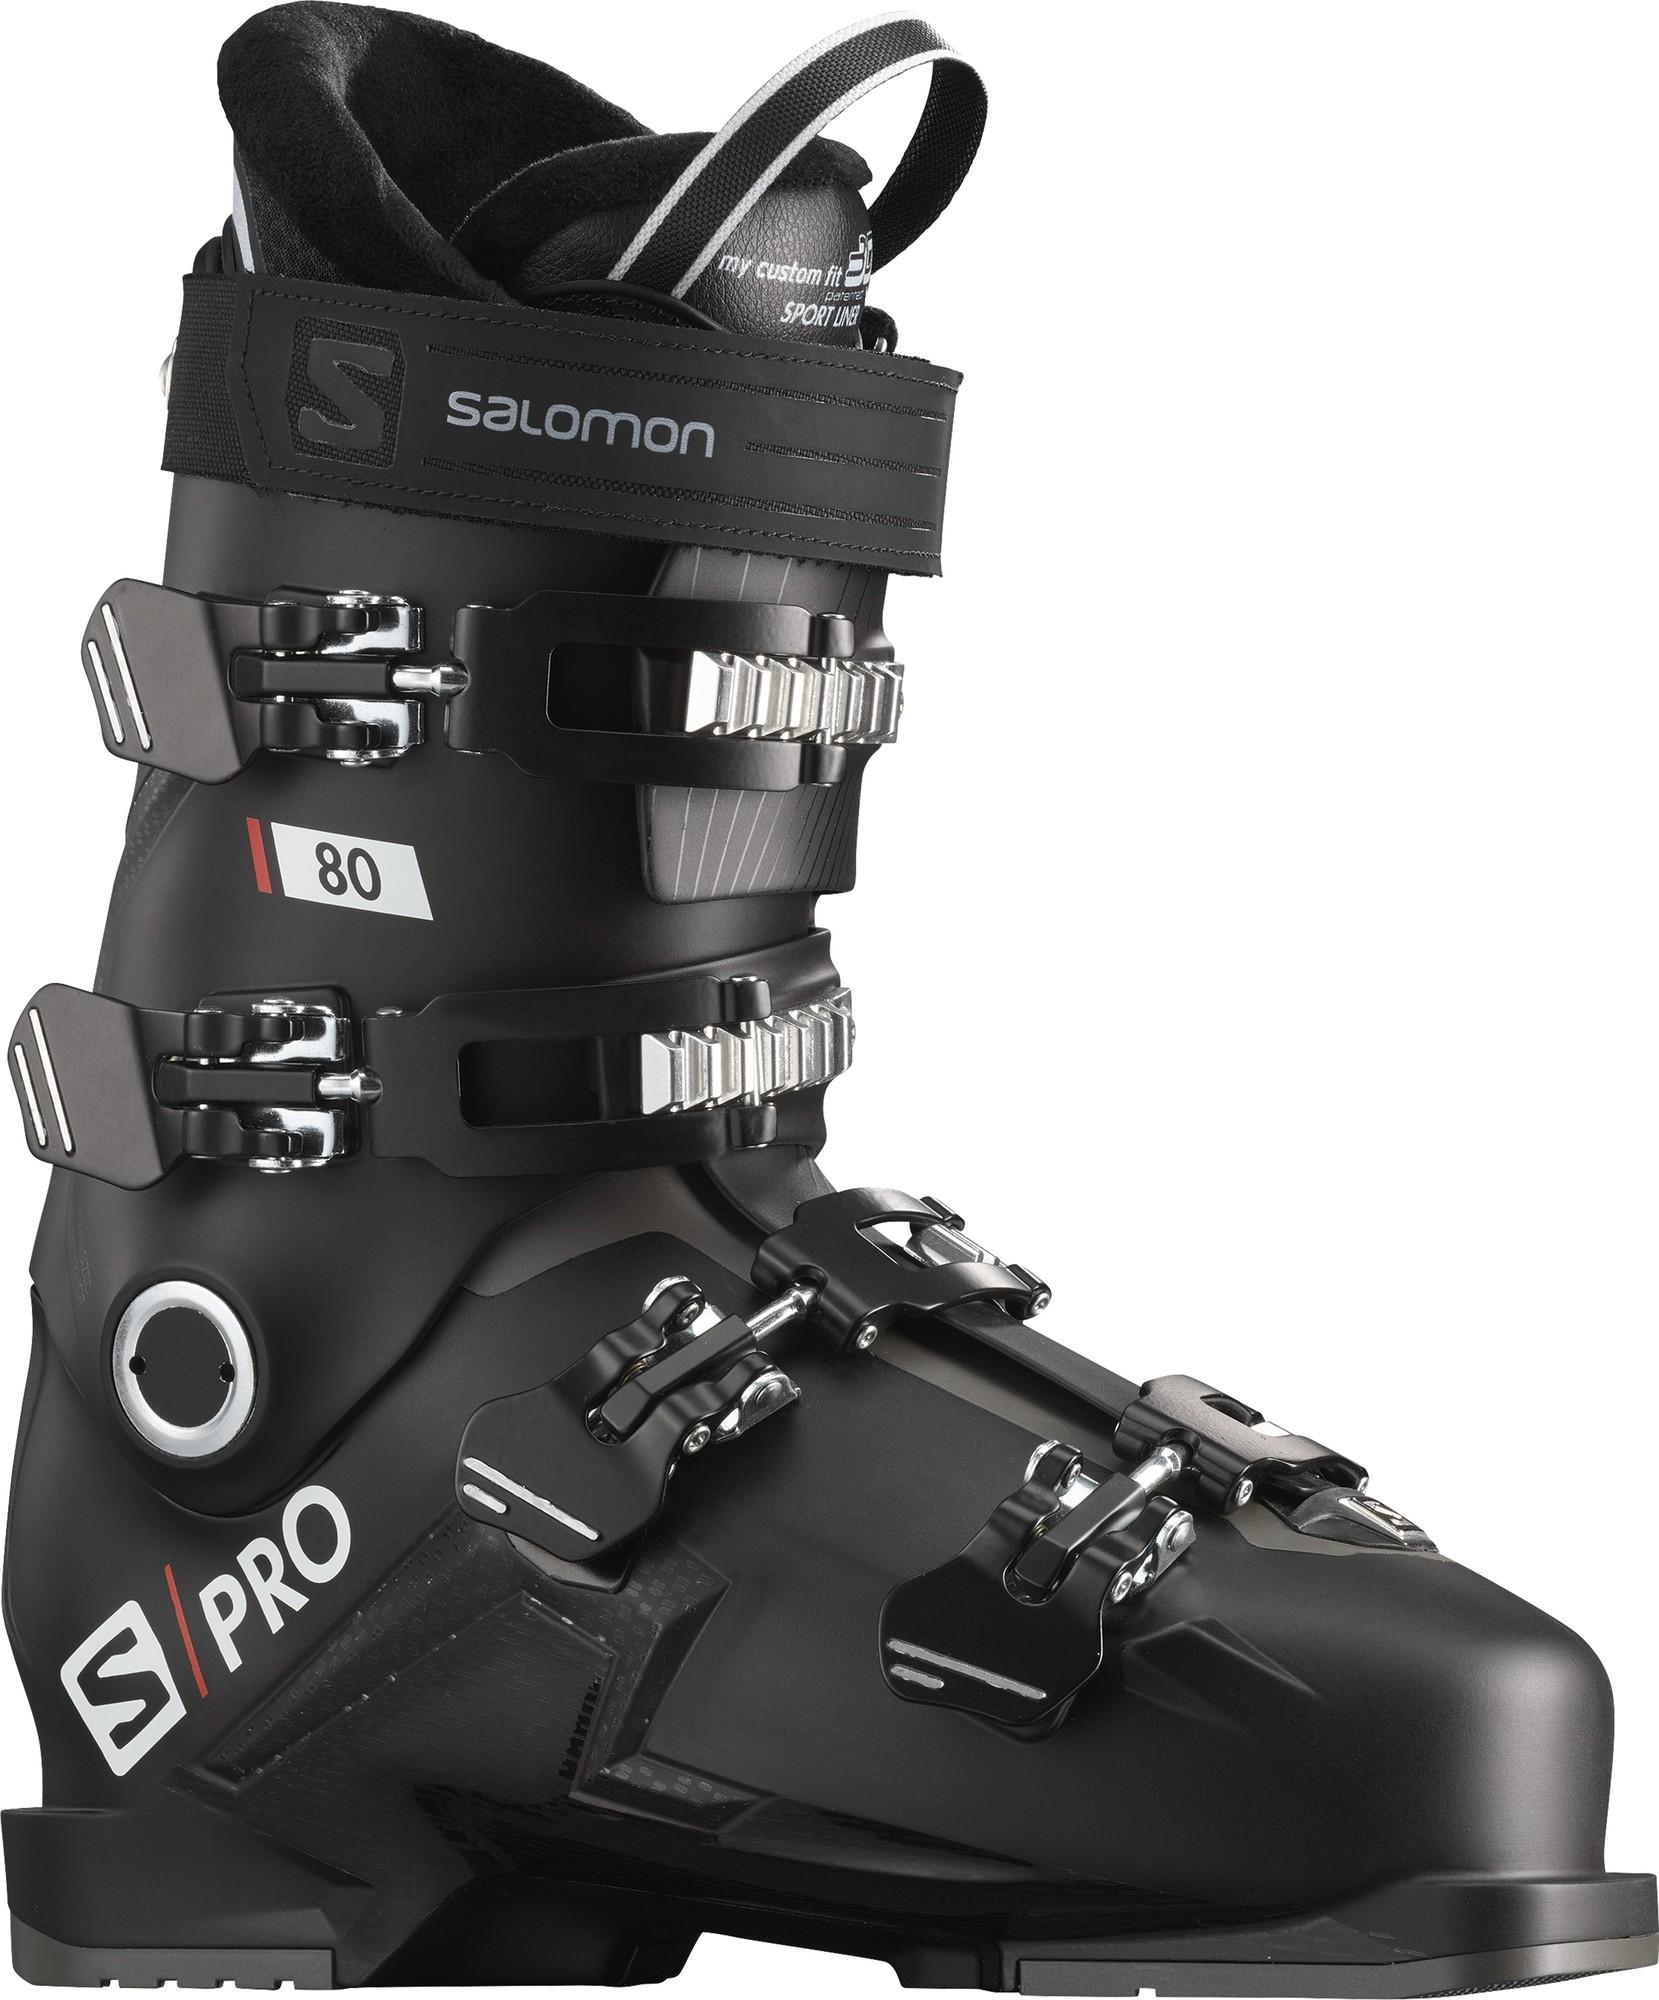 цена на Salomon Ботинки горнолыжные Salomon S/PRO 80, размер 29 см